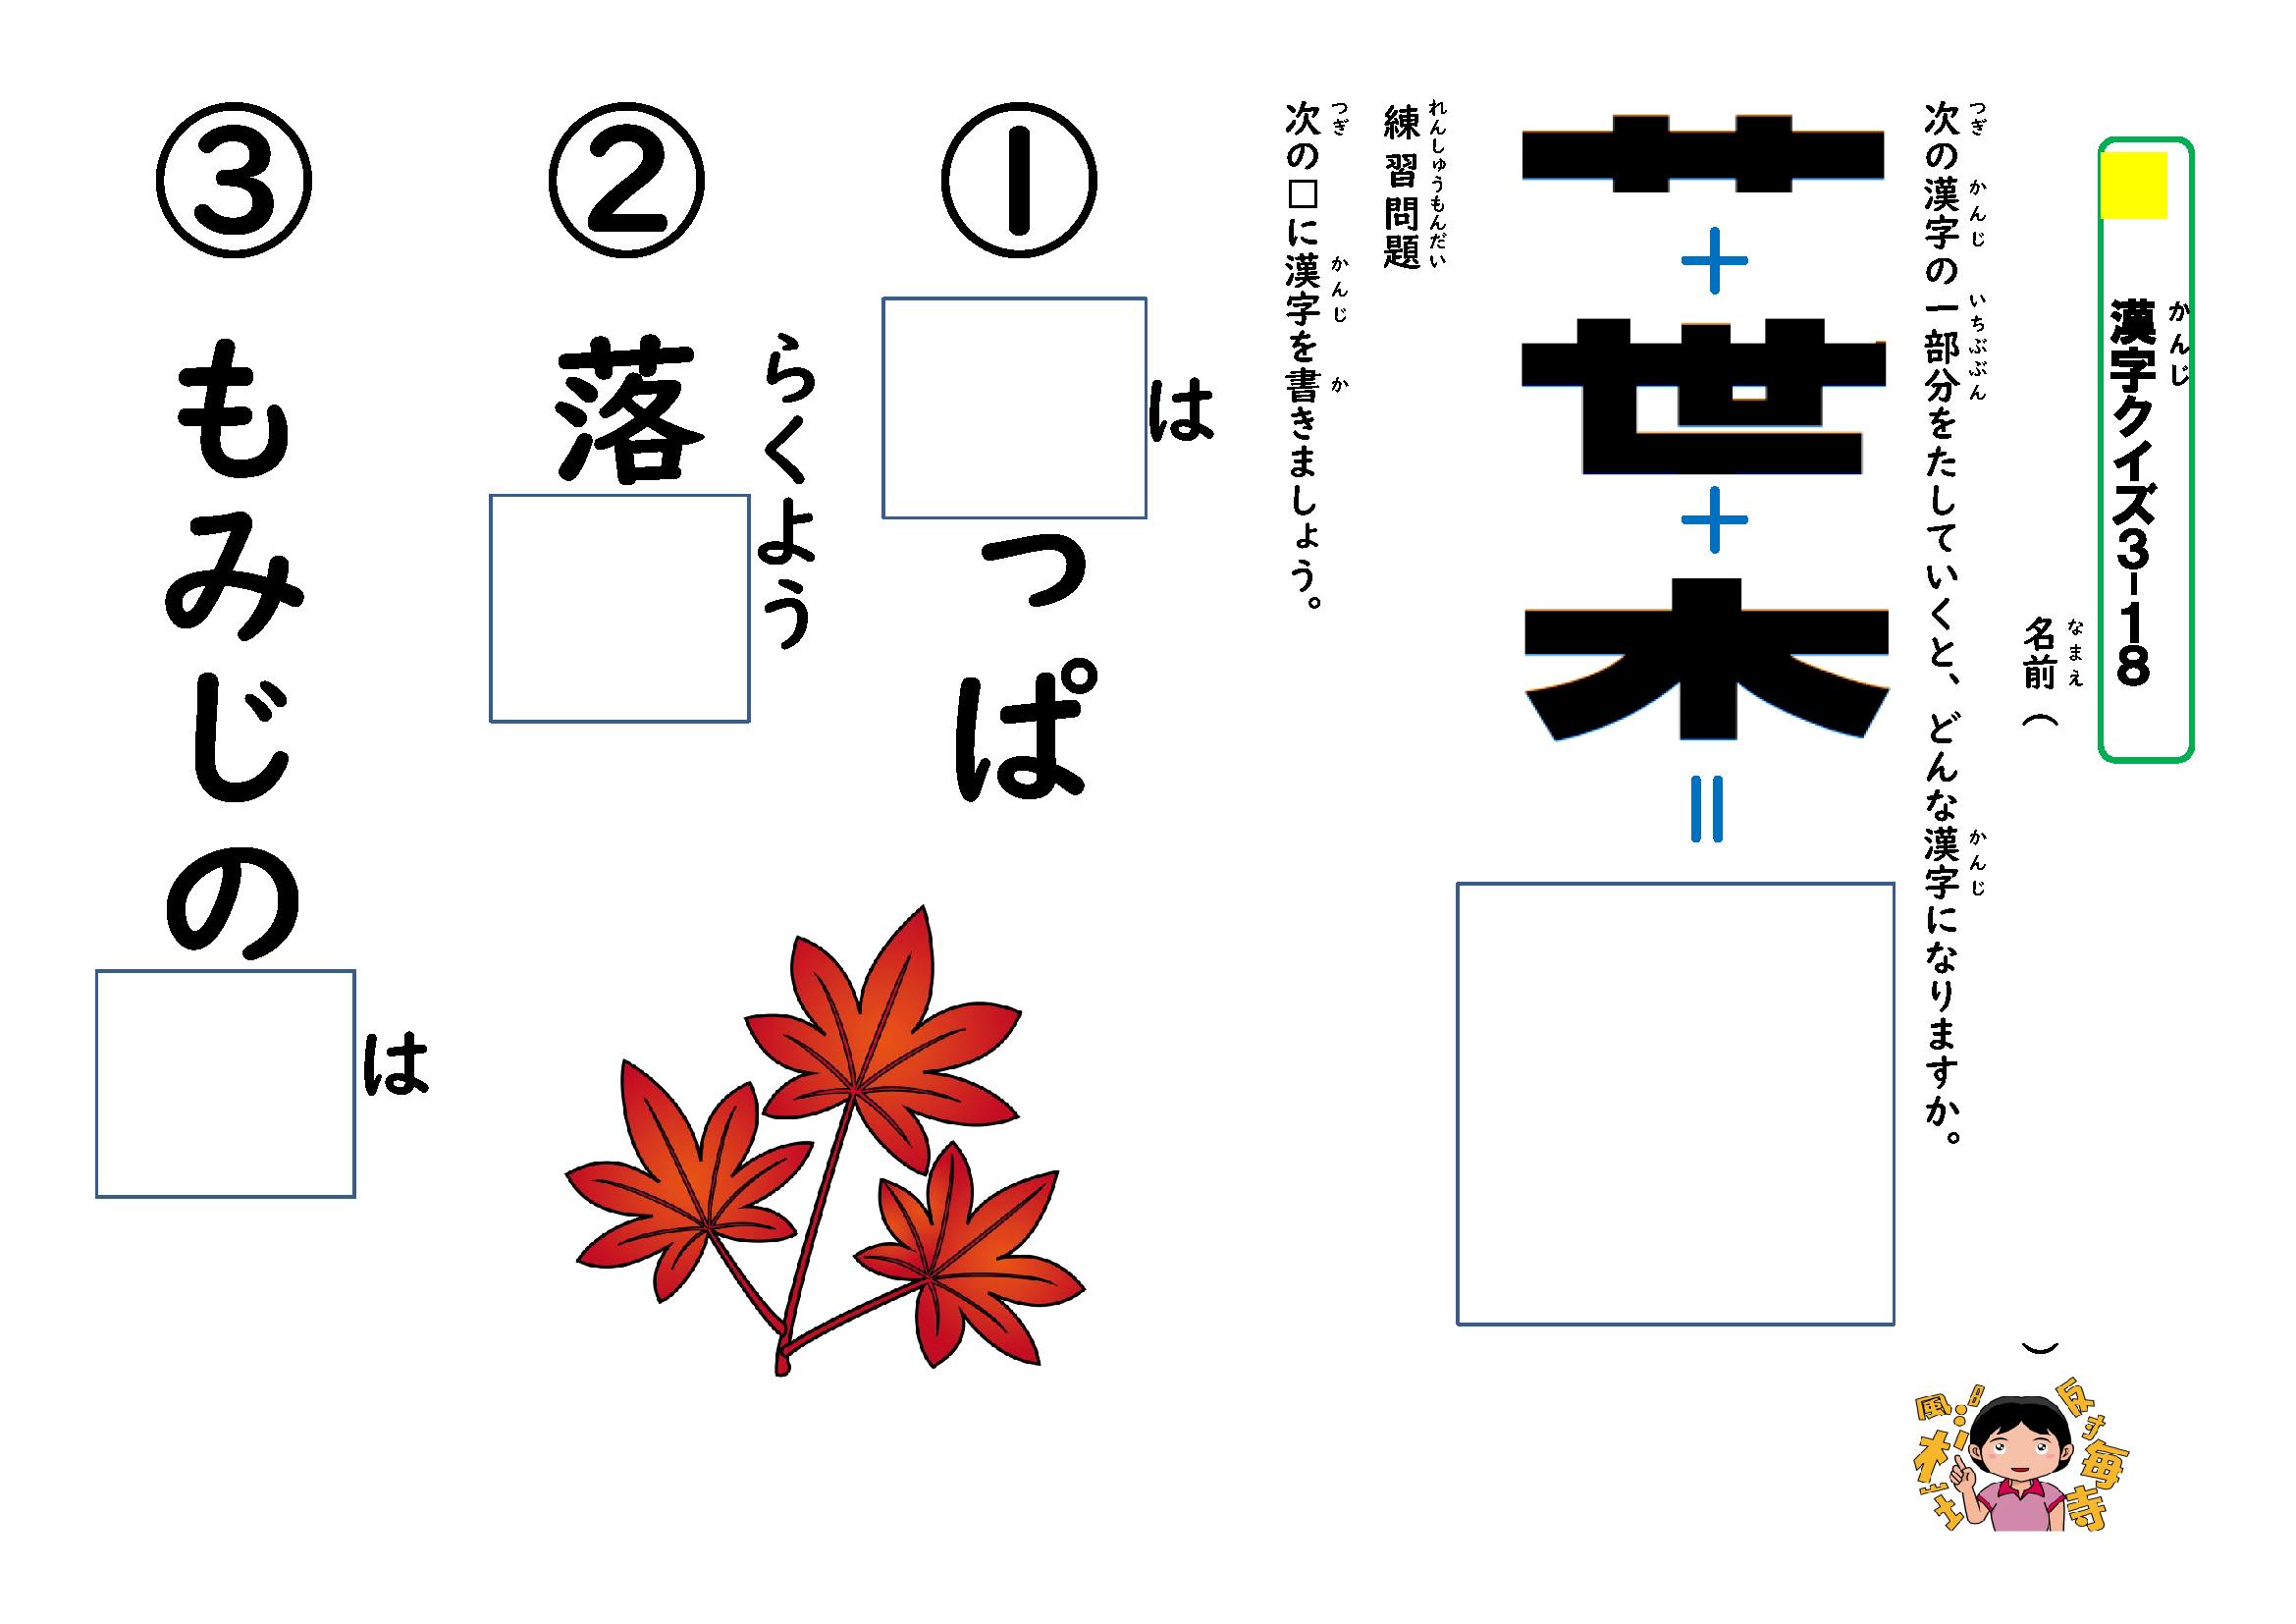 3年漢字分解クイズ